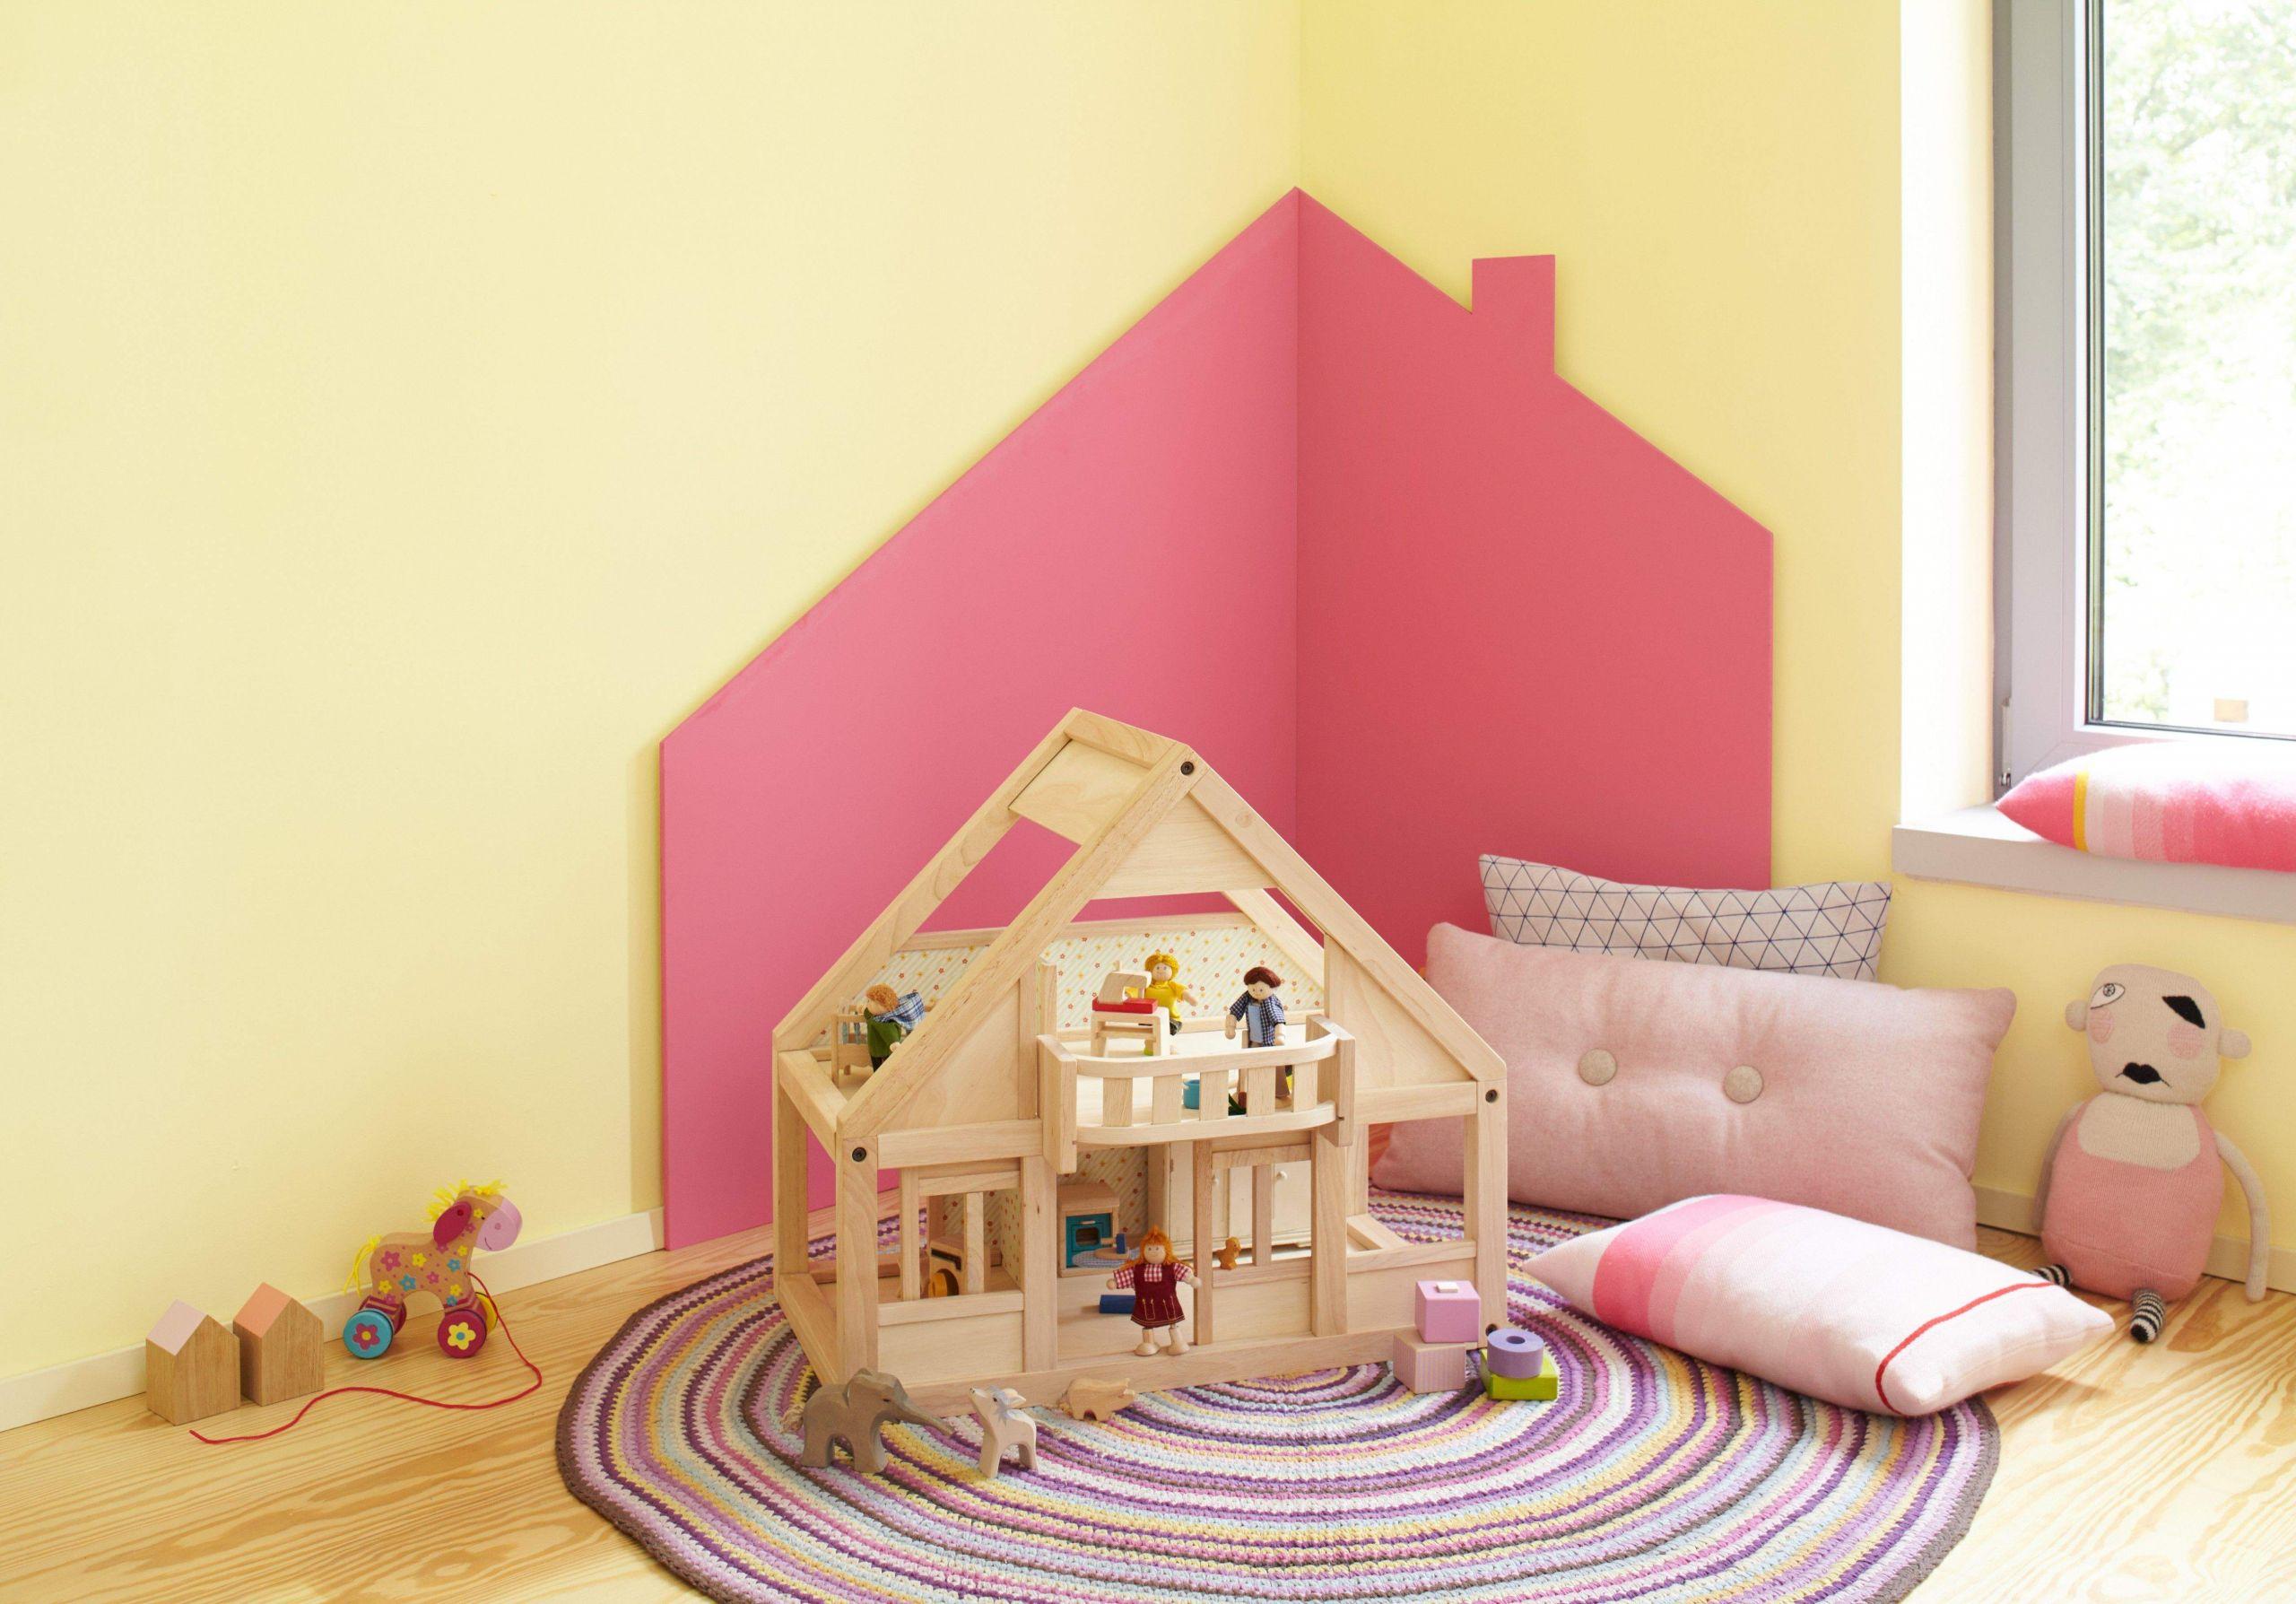 Töpfern Ideen Für Haus Und Garten Elegant Ideen Für Kids Her Crochet